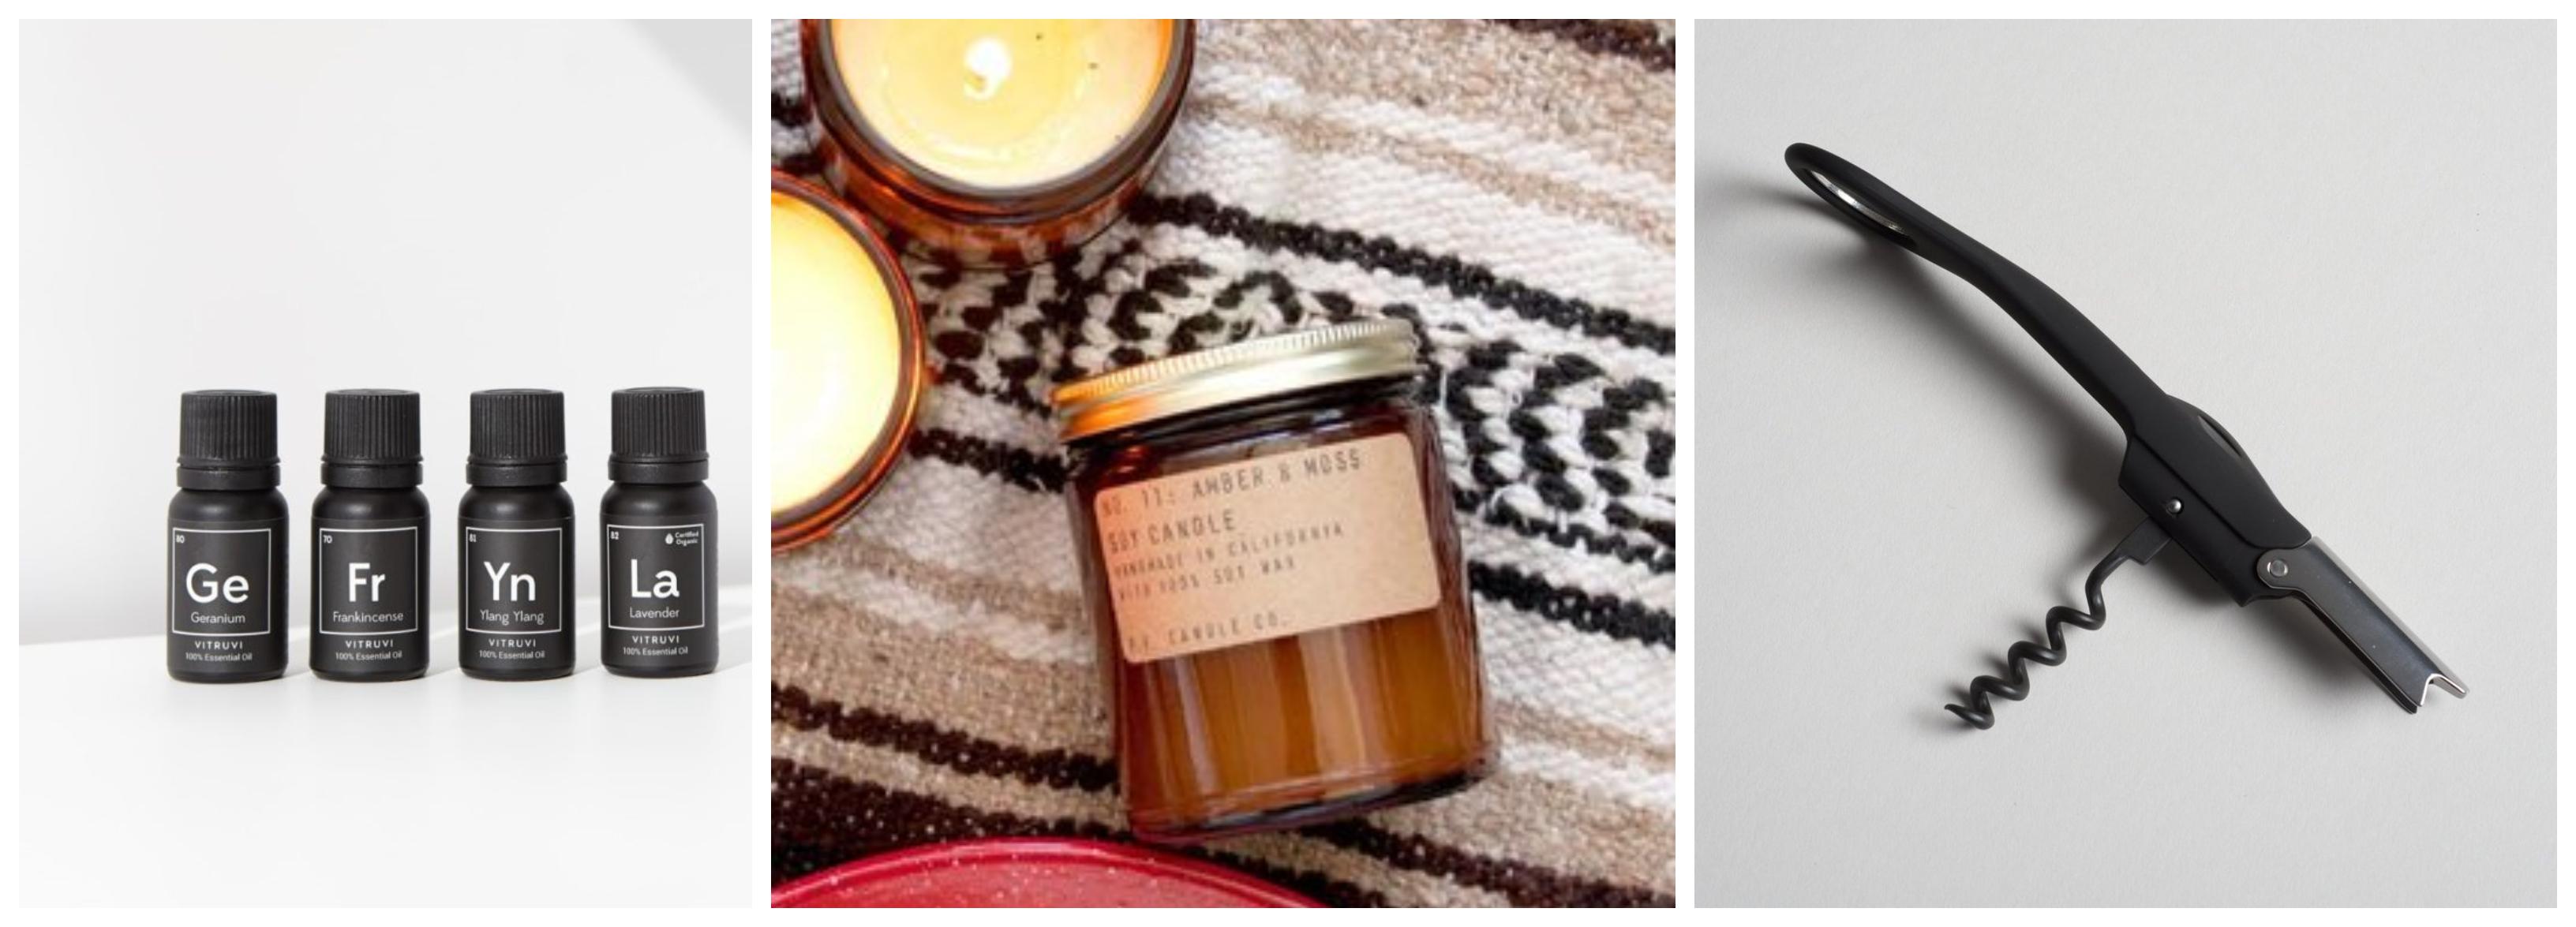 Essential Oils, PF Candle Mini, Wine Corkscrew